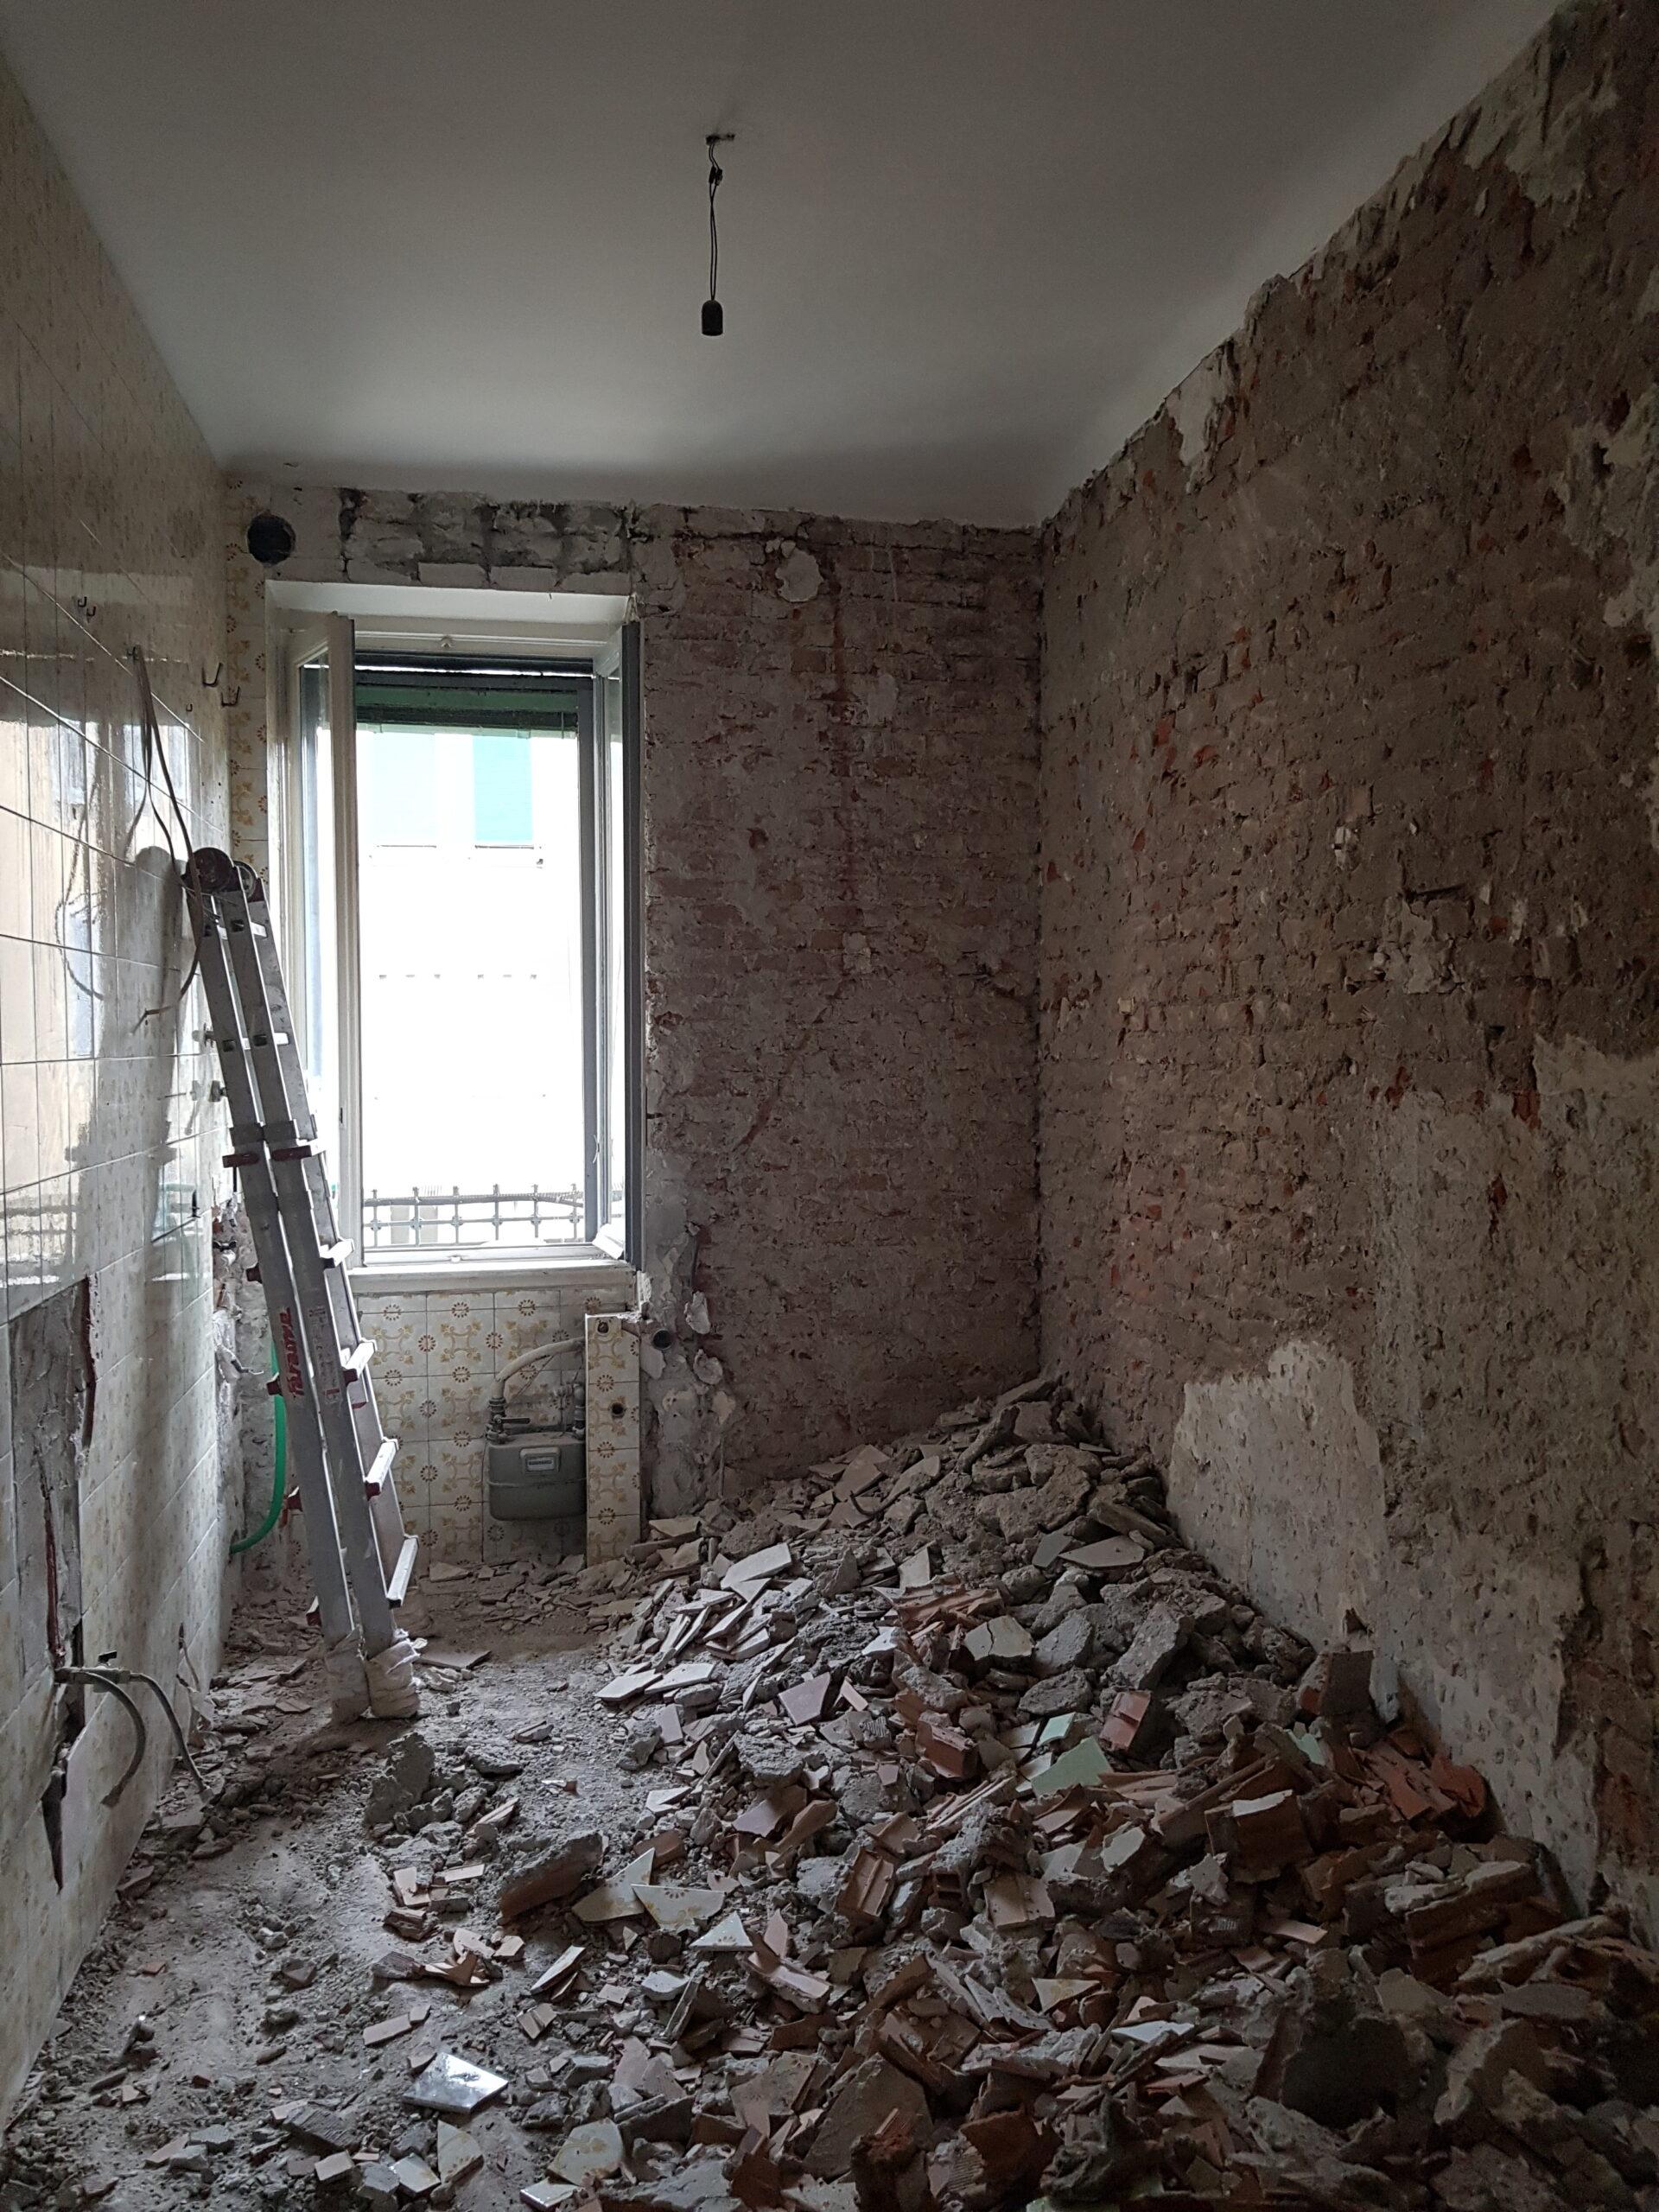 1. Rimozione sanitari e demolizione di rivestimenti piastrelle esistenti: lavori in corso.